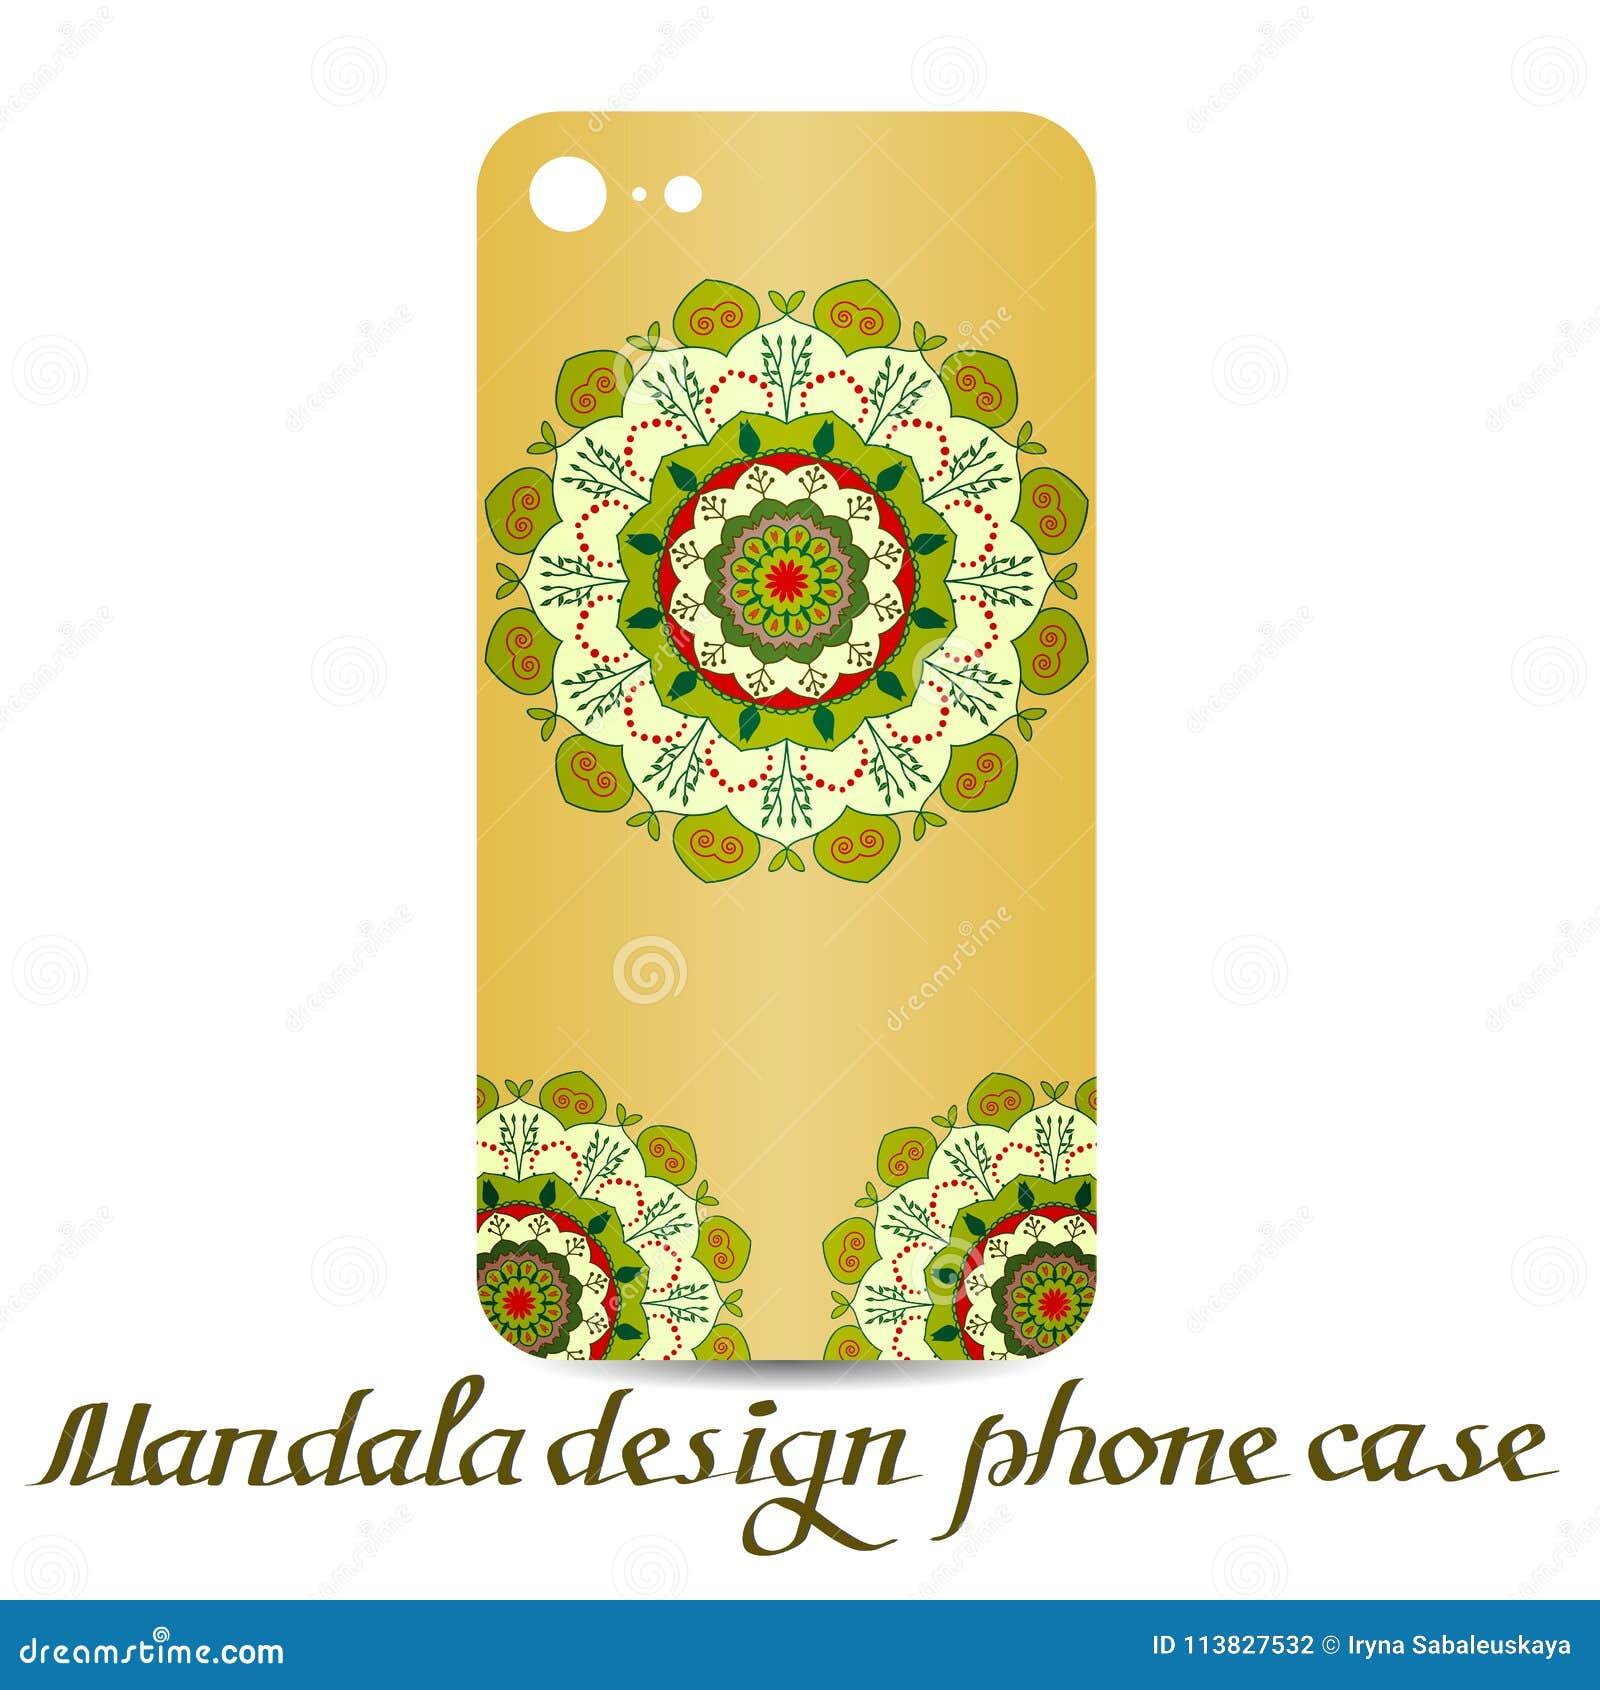 Caja del teléfono del diseño de la mandala Elementos decorativos